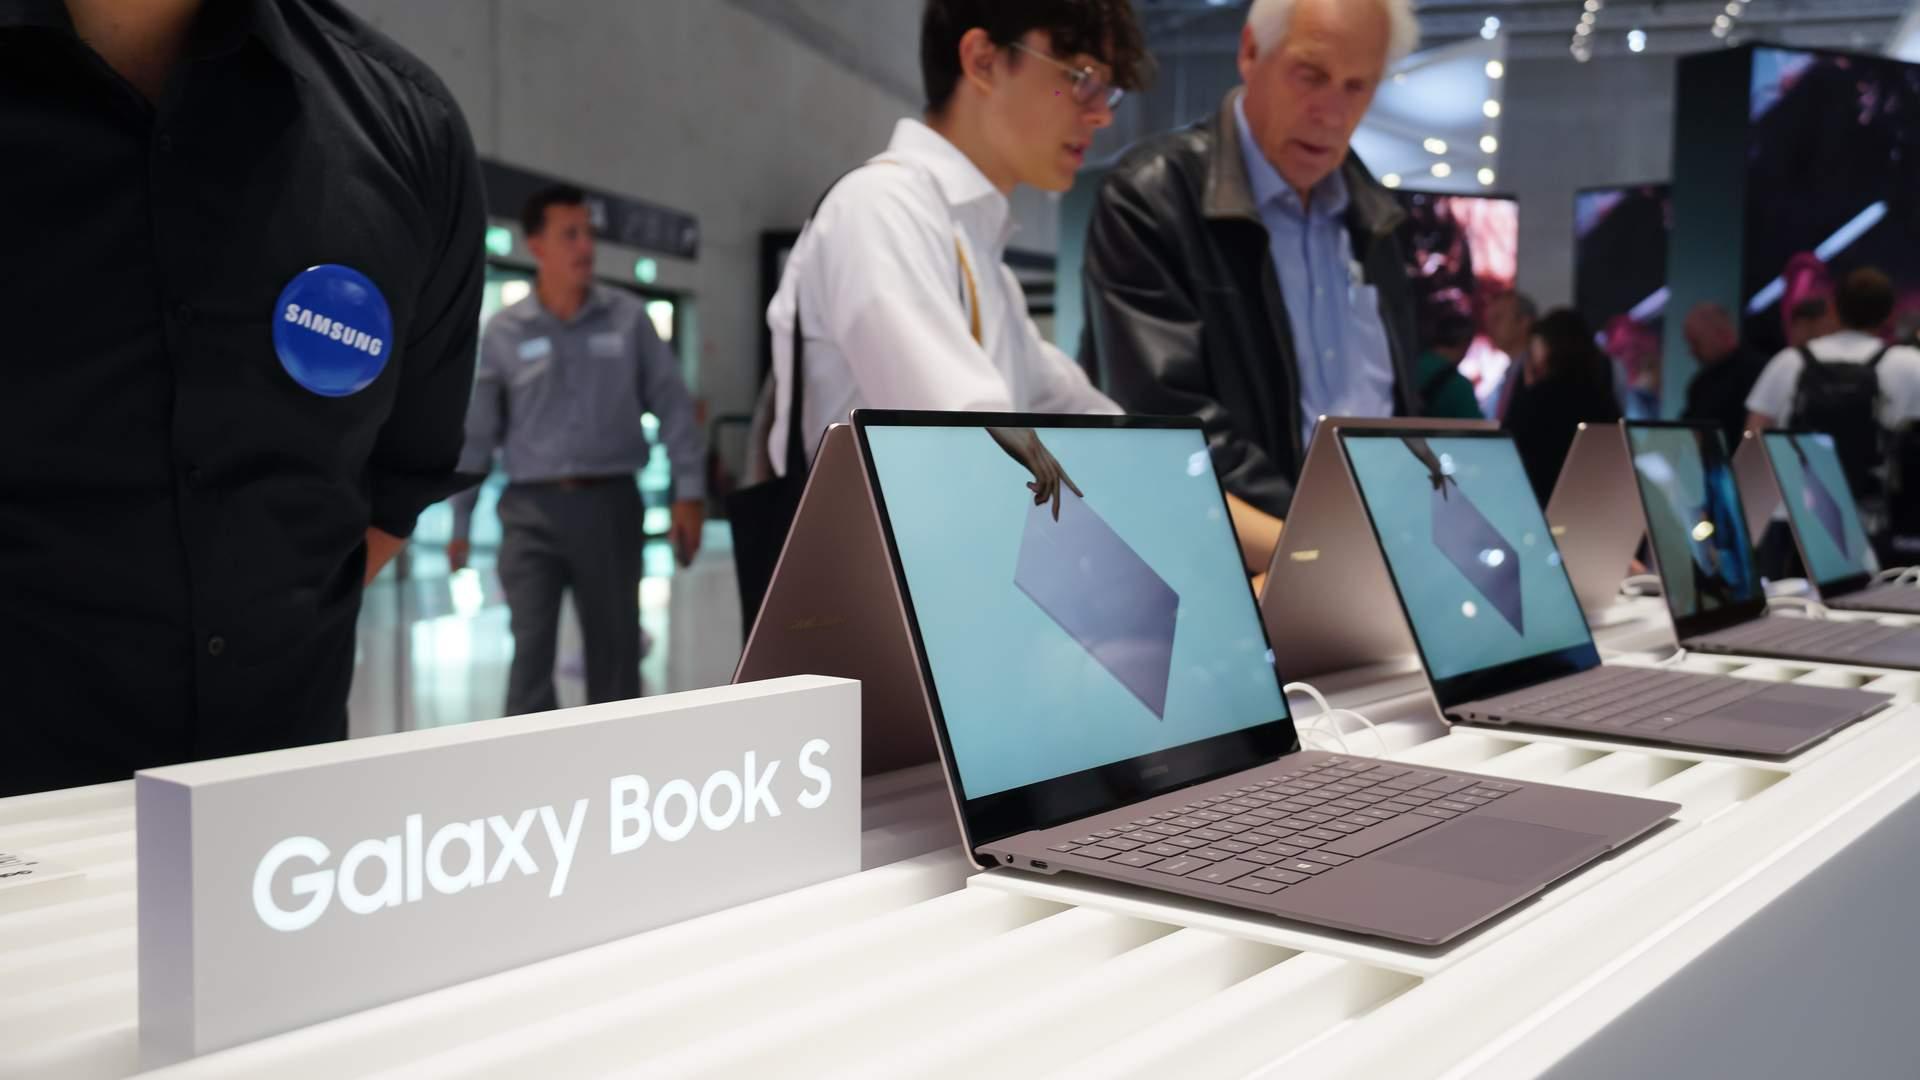 Notebooks Samsung Galaxy Book S abertos e enfileirados sob mesa branca, com homens olhando para ele